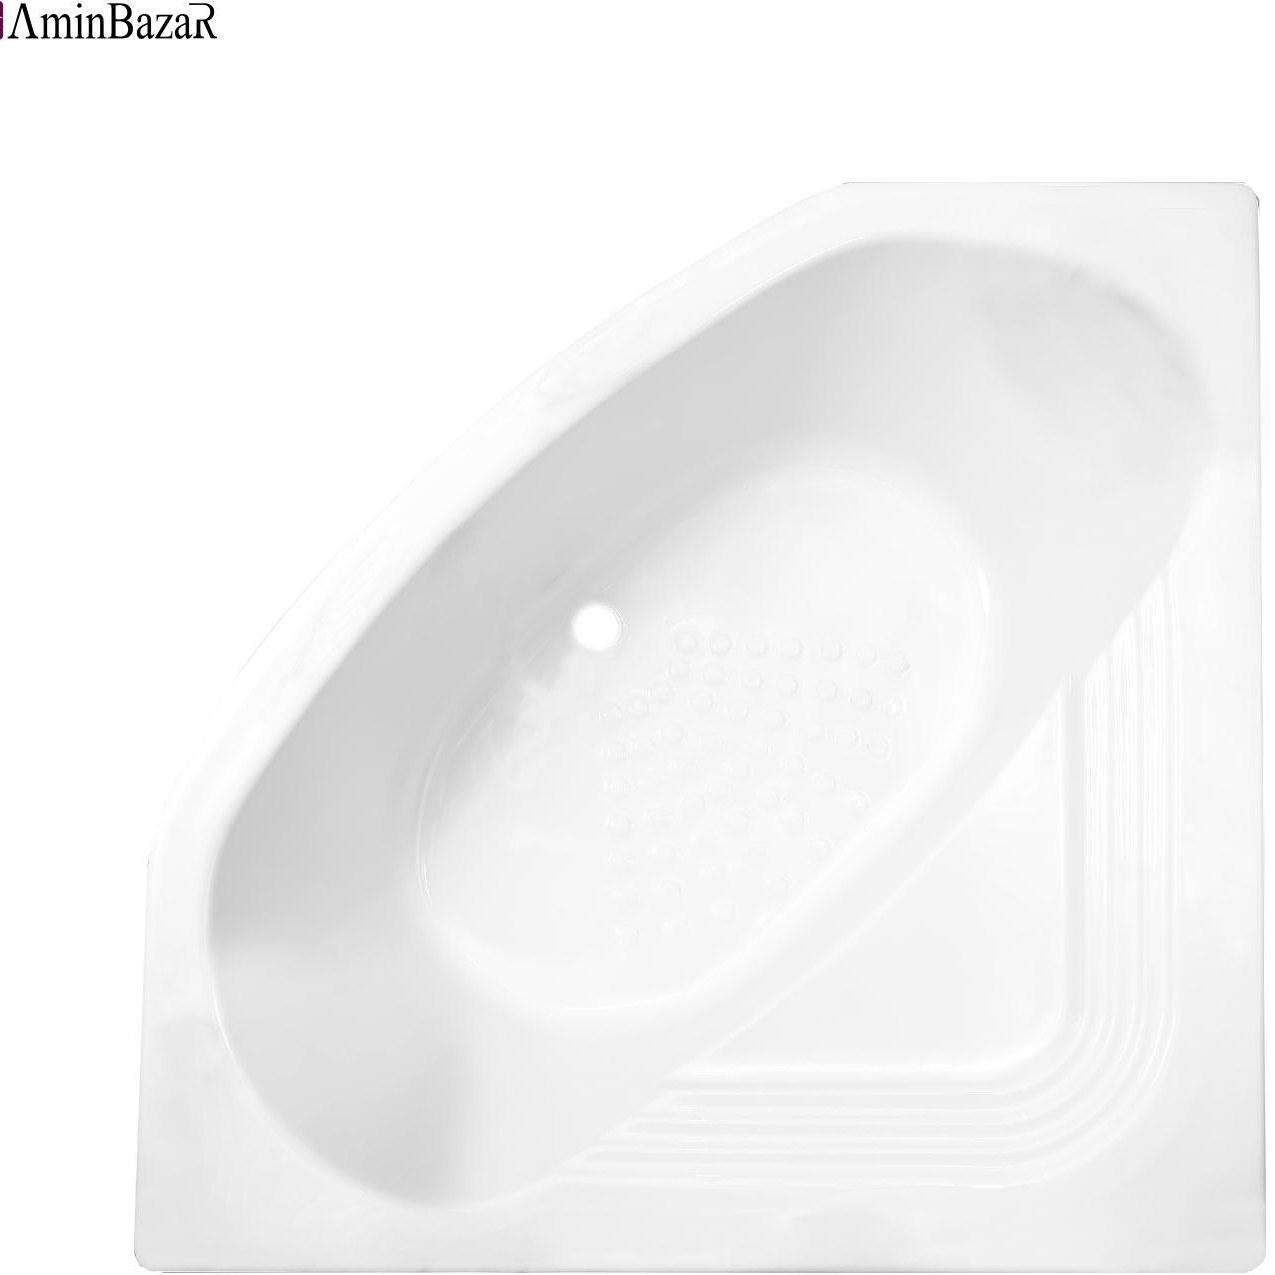 تصویر وان حمام توکار سنی پلاستیک مدل آتلانتیک بدون شاسی و پانل اندازه 140 * 140 سانتیمتر